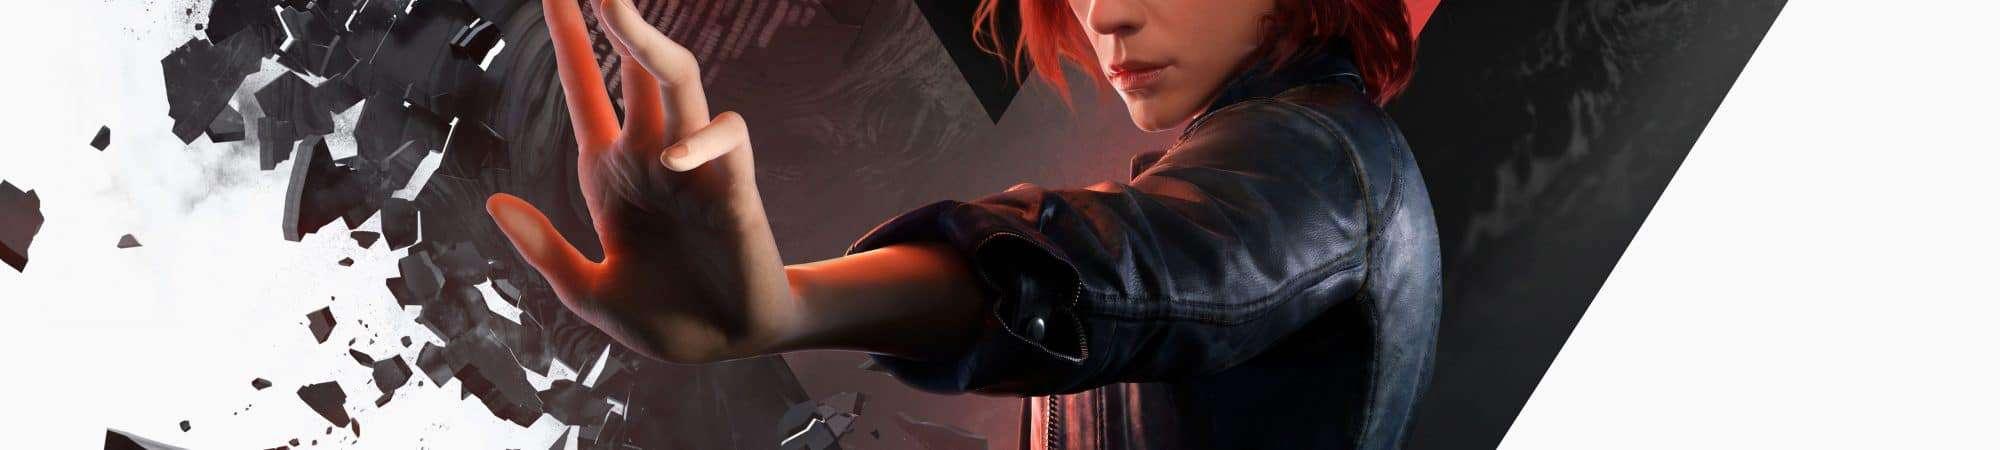 'Control' é o novo jogo grátis da semana na Epic Games Store. Imagem: Remedy Entertainment/Divulgação